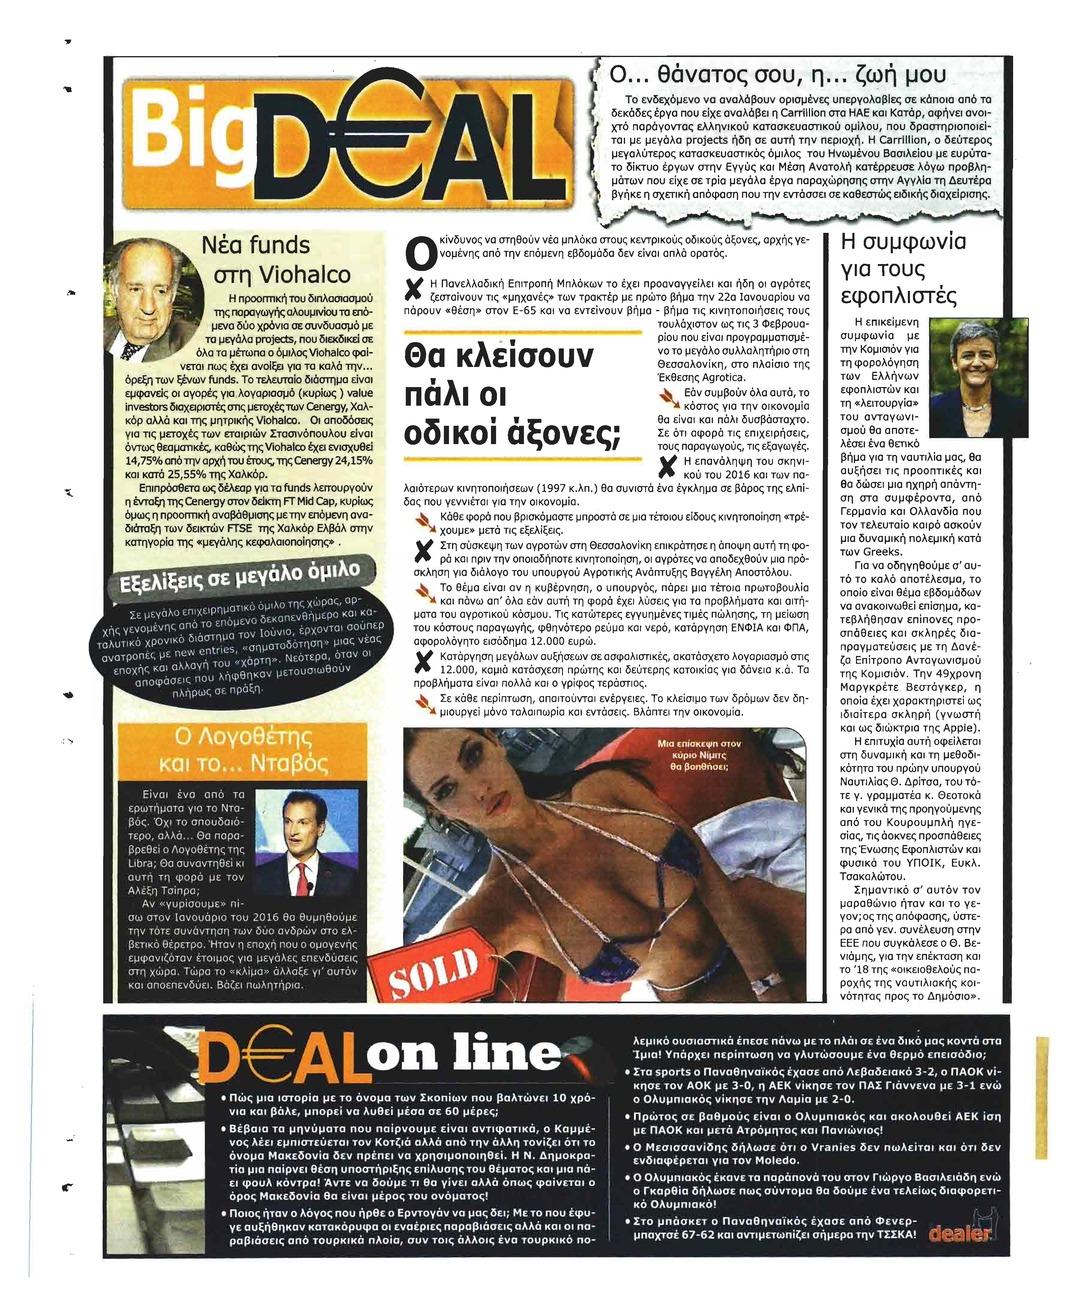 Οπισθόφυλλο εφημερίδας Deal